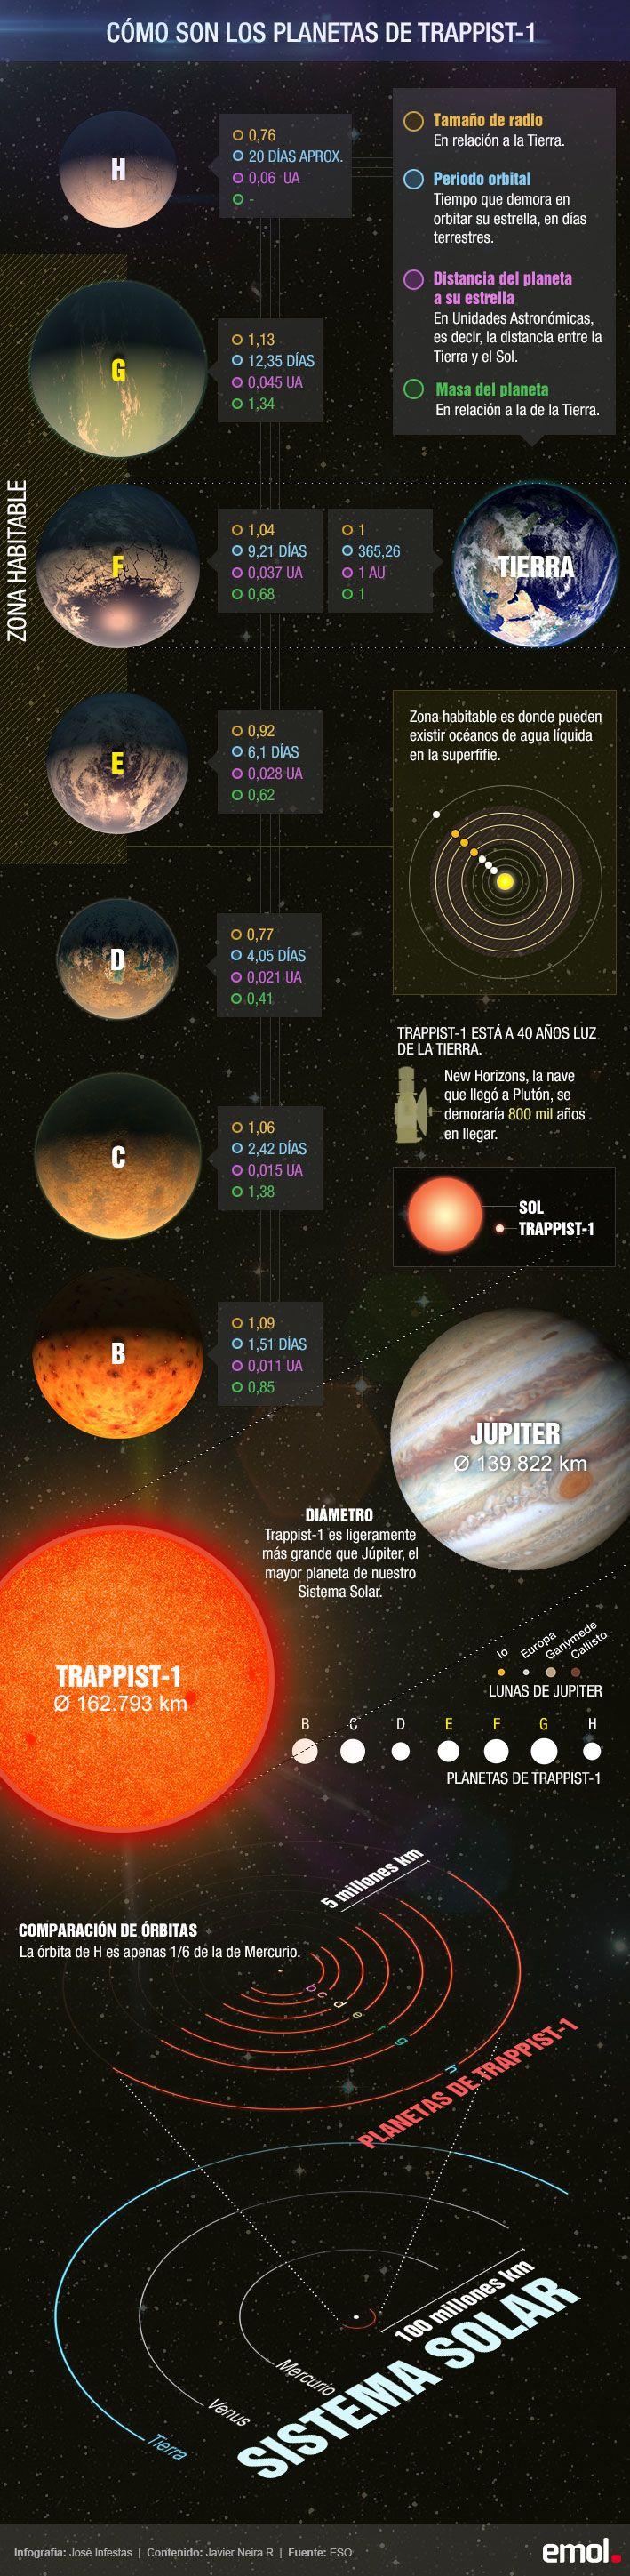 Infografía: ¿Cómo son los planetas similares a la Tierra anunciados por la NASA? | Emol.com